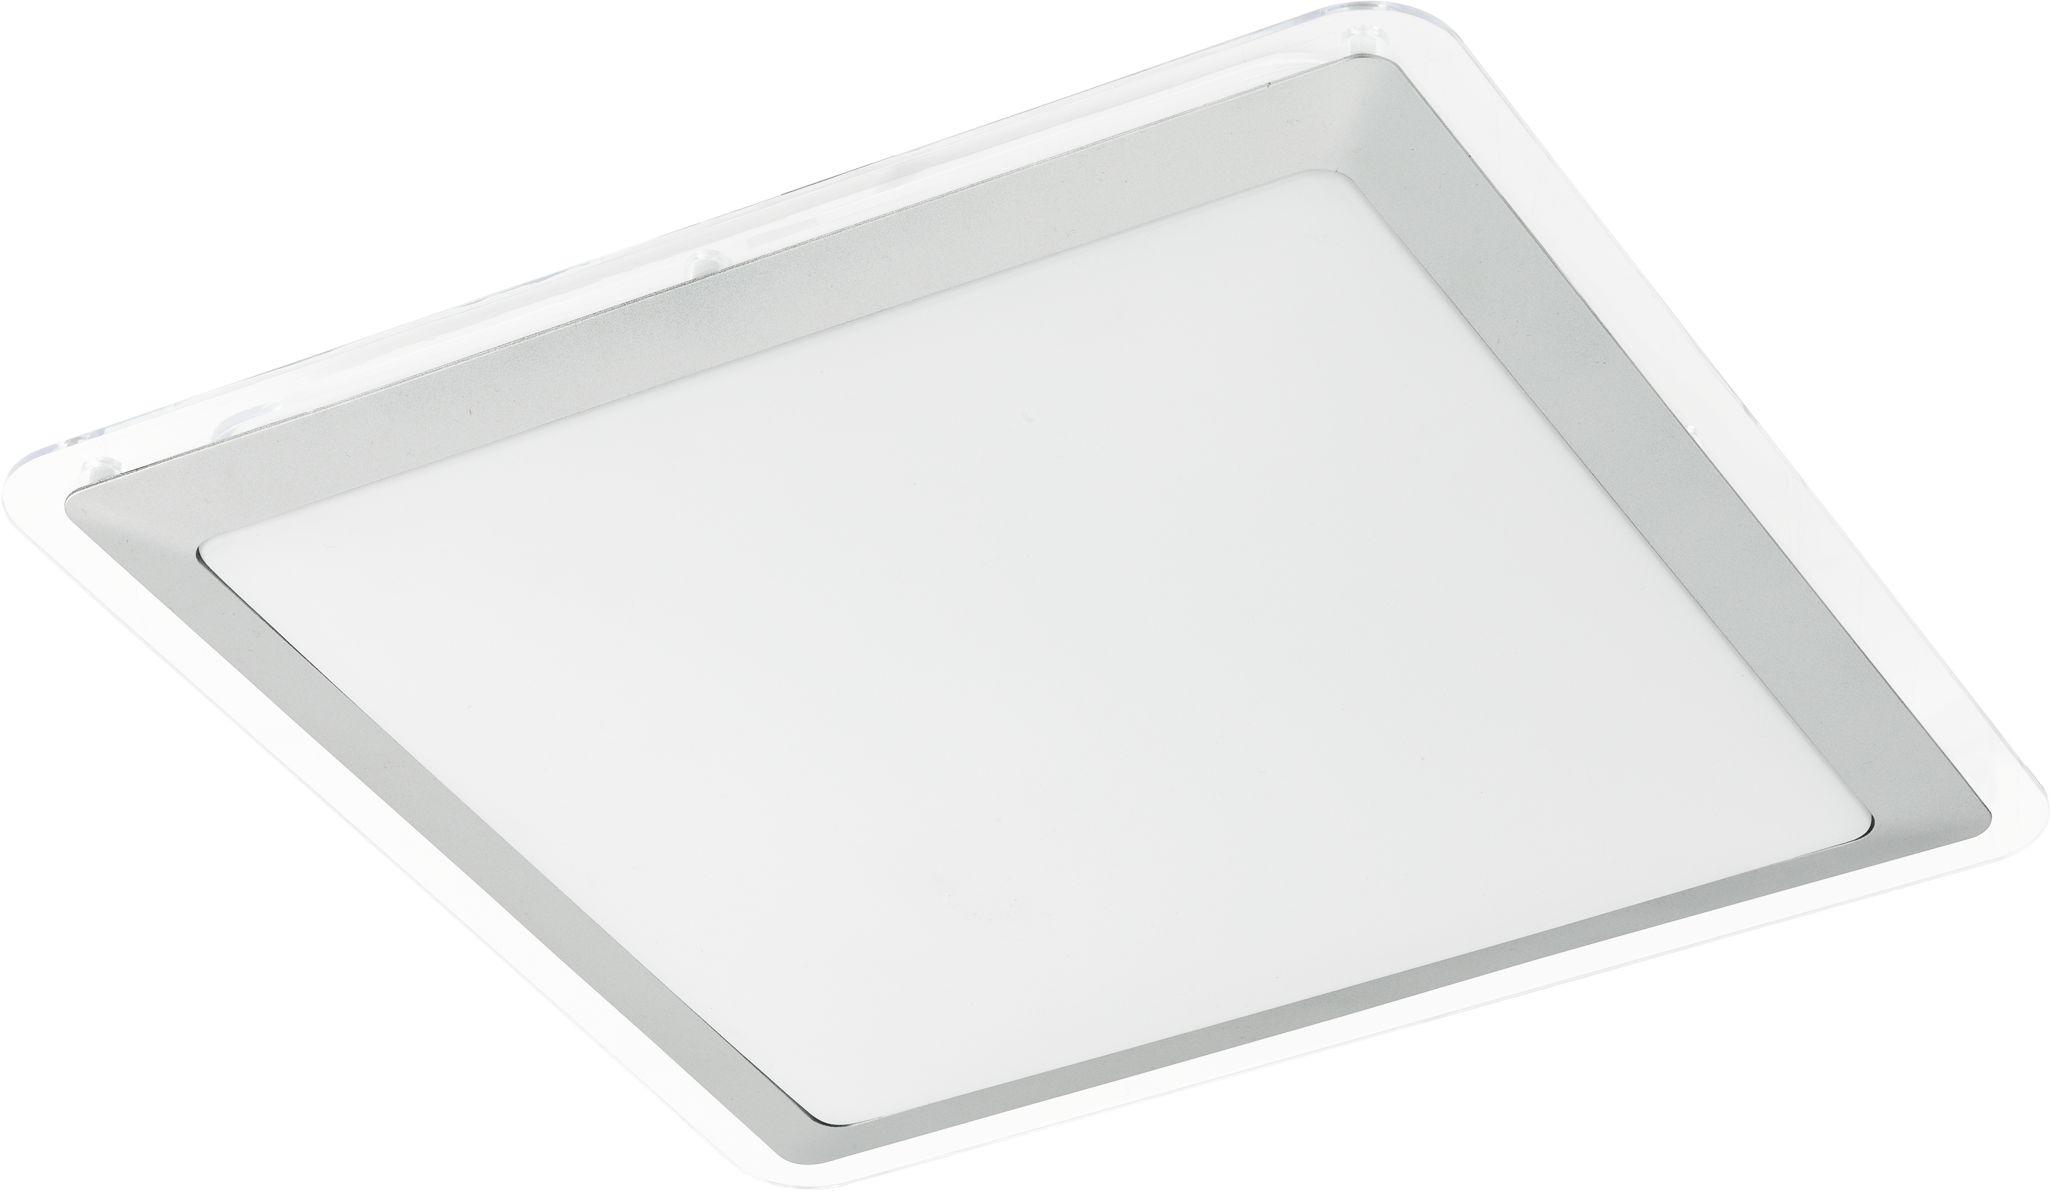 Eglo plafon, lampa sufitowa LED Competa 1 95679 - SUPER OFERTA - RABAT w koszyku